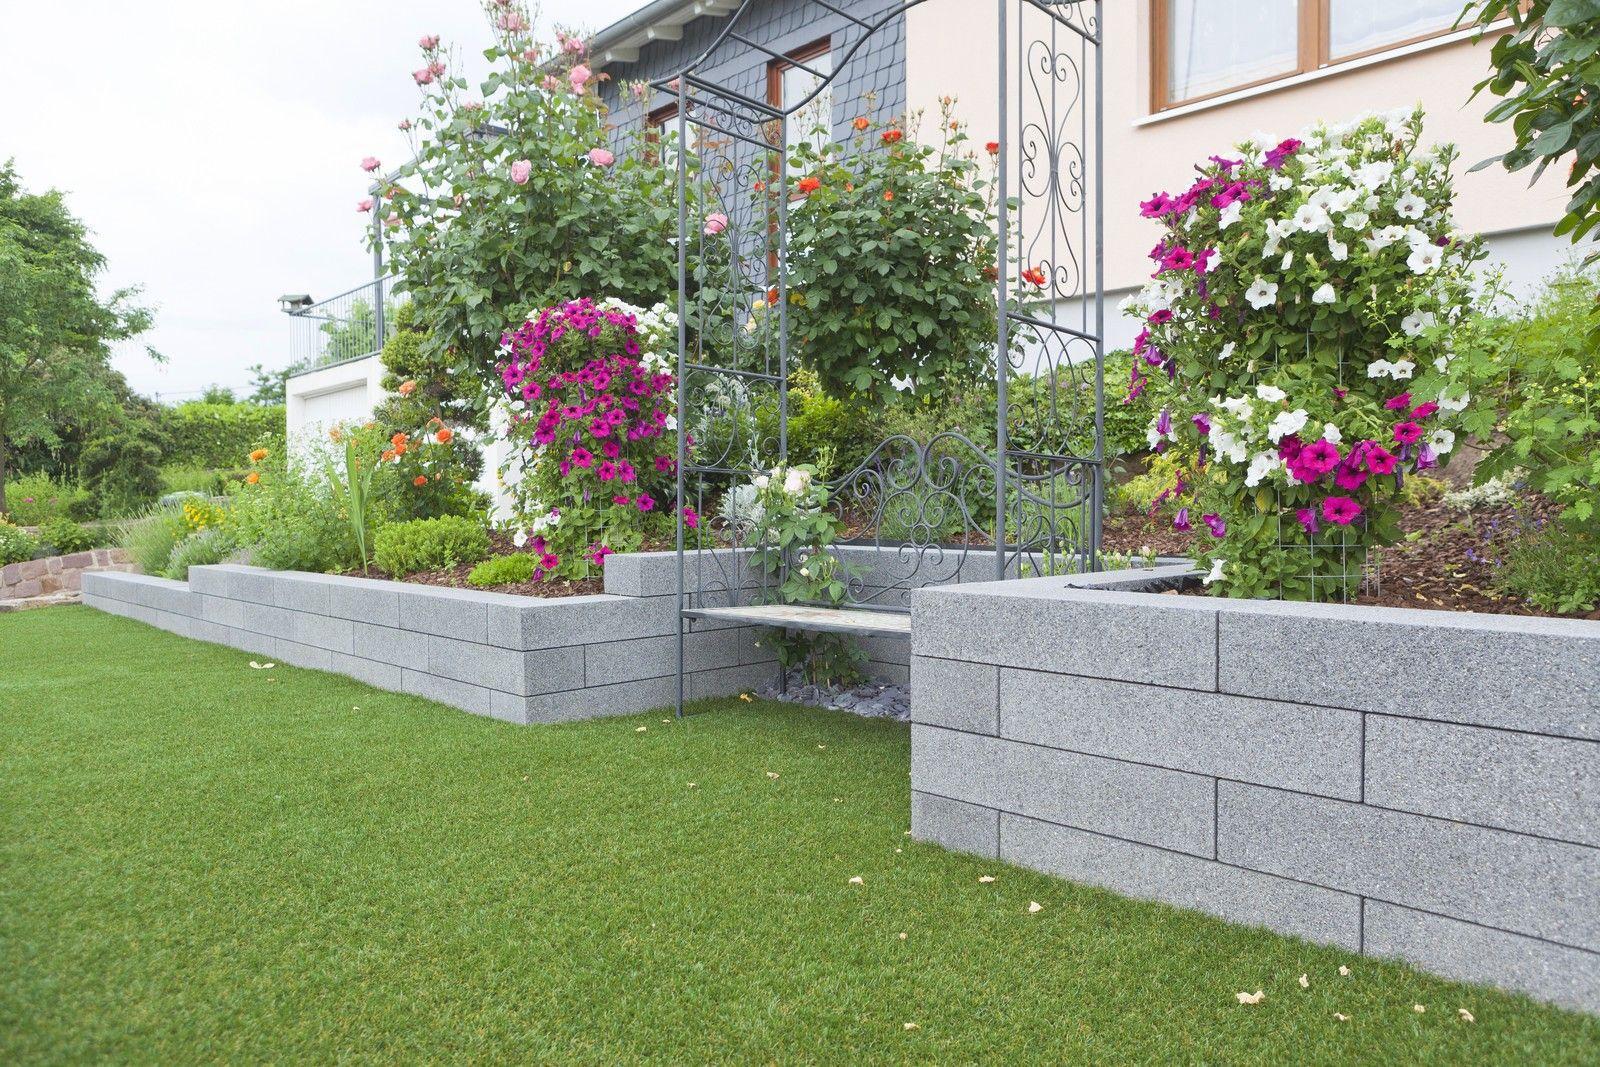 Scona Mauer Rinn Betonsteine Und Natursteine Garten Grundriss Betonsteine Gartenmauer Garten